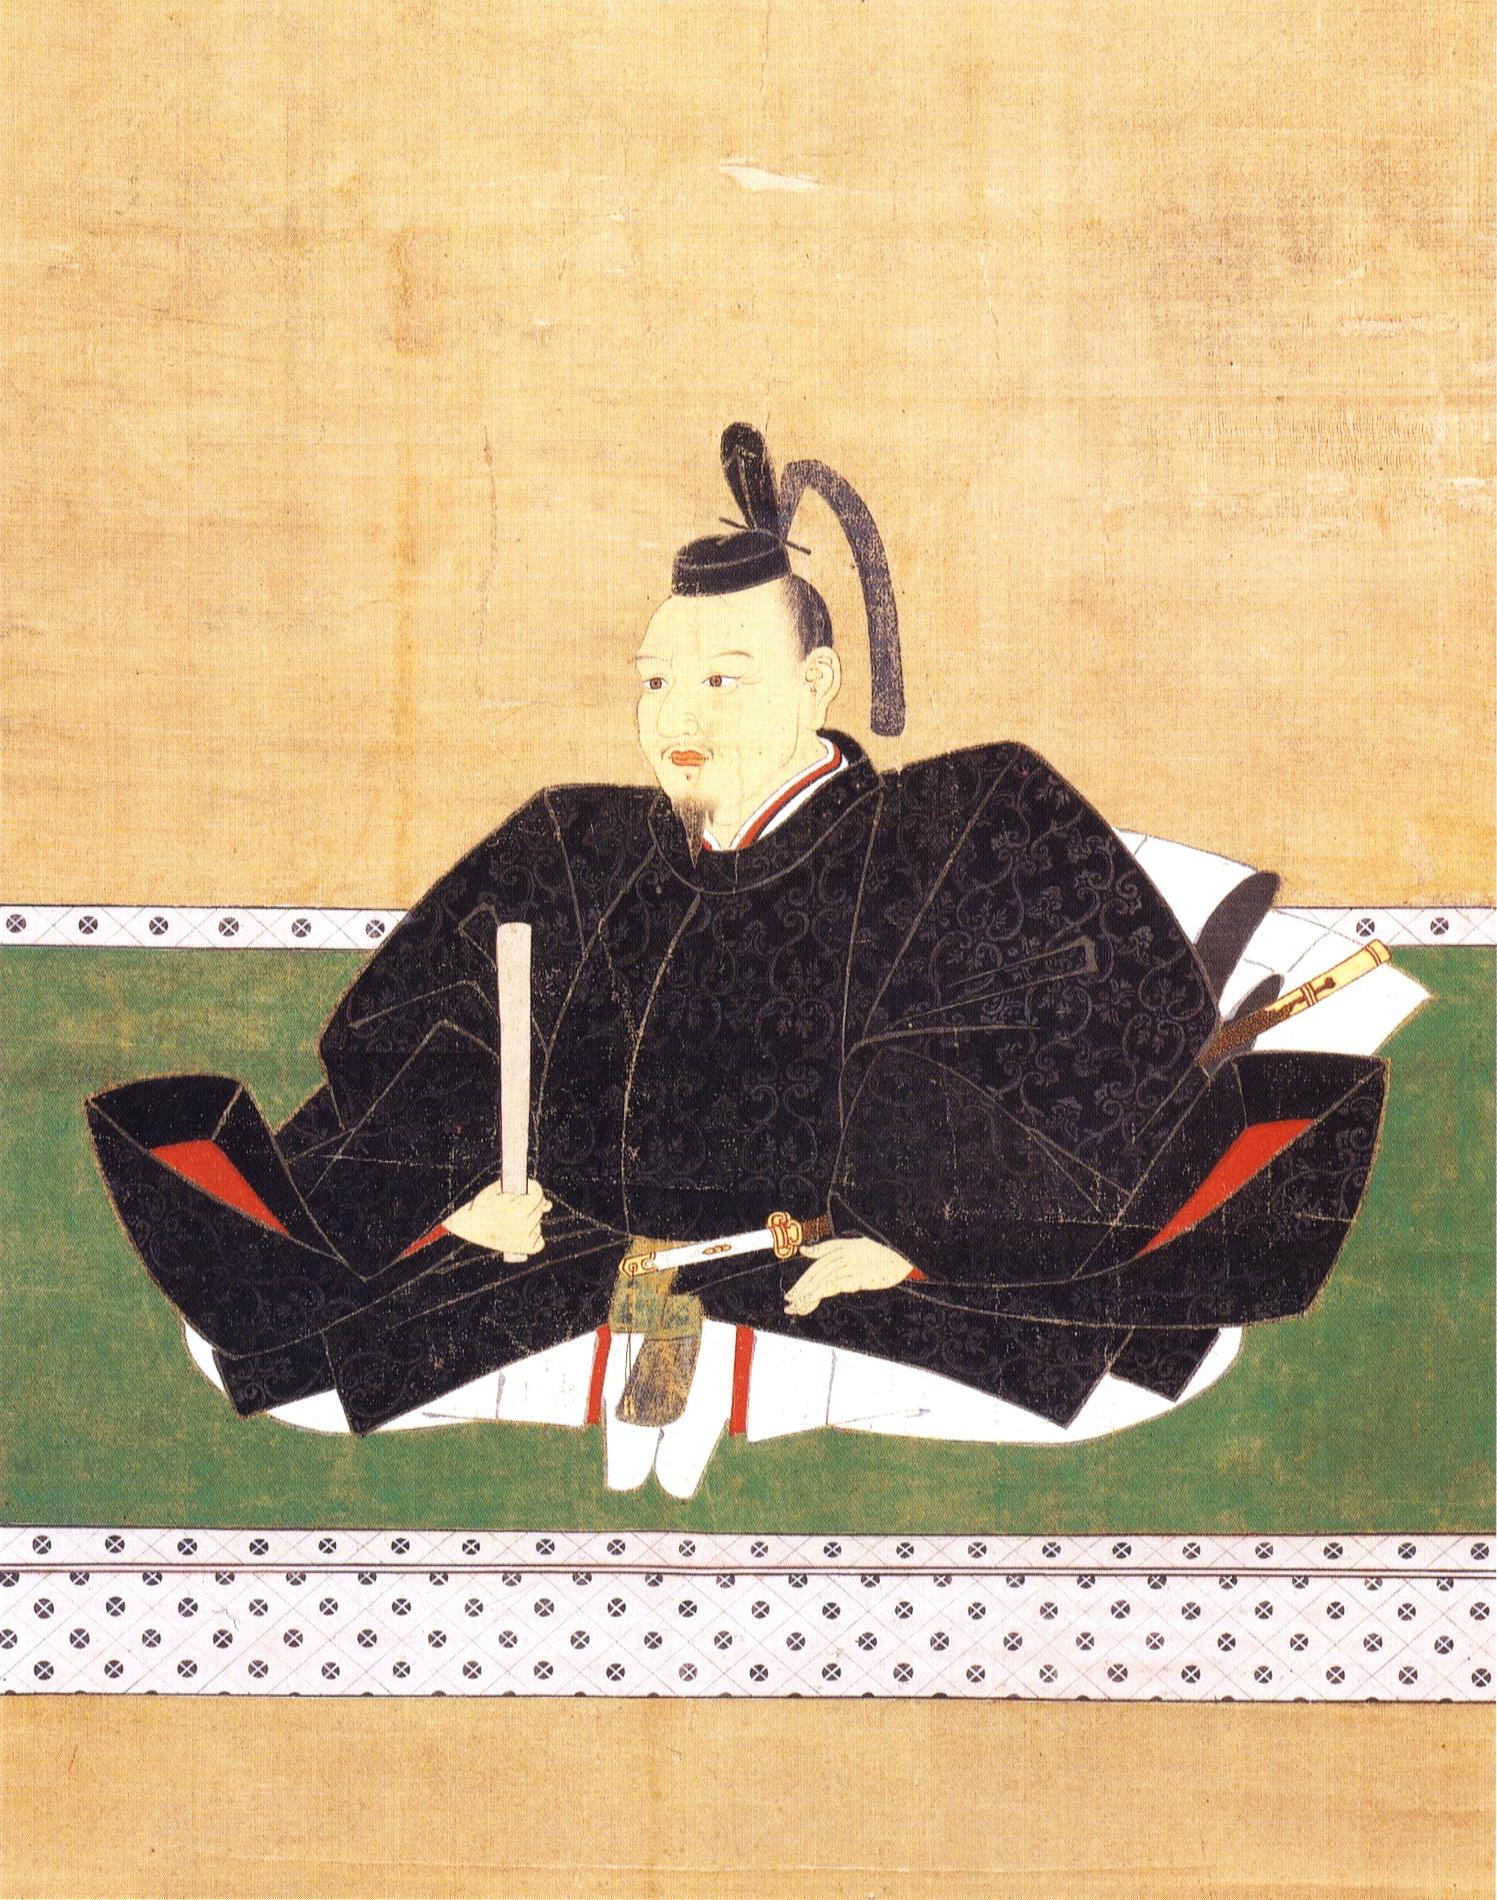 Ashigaka Yoshimasa